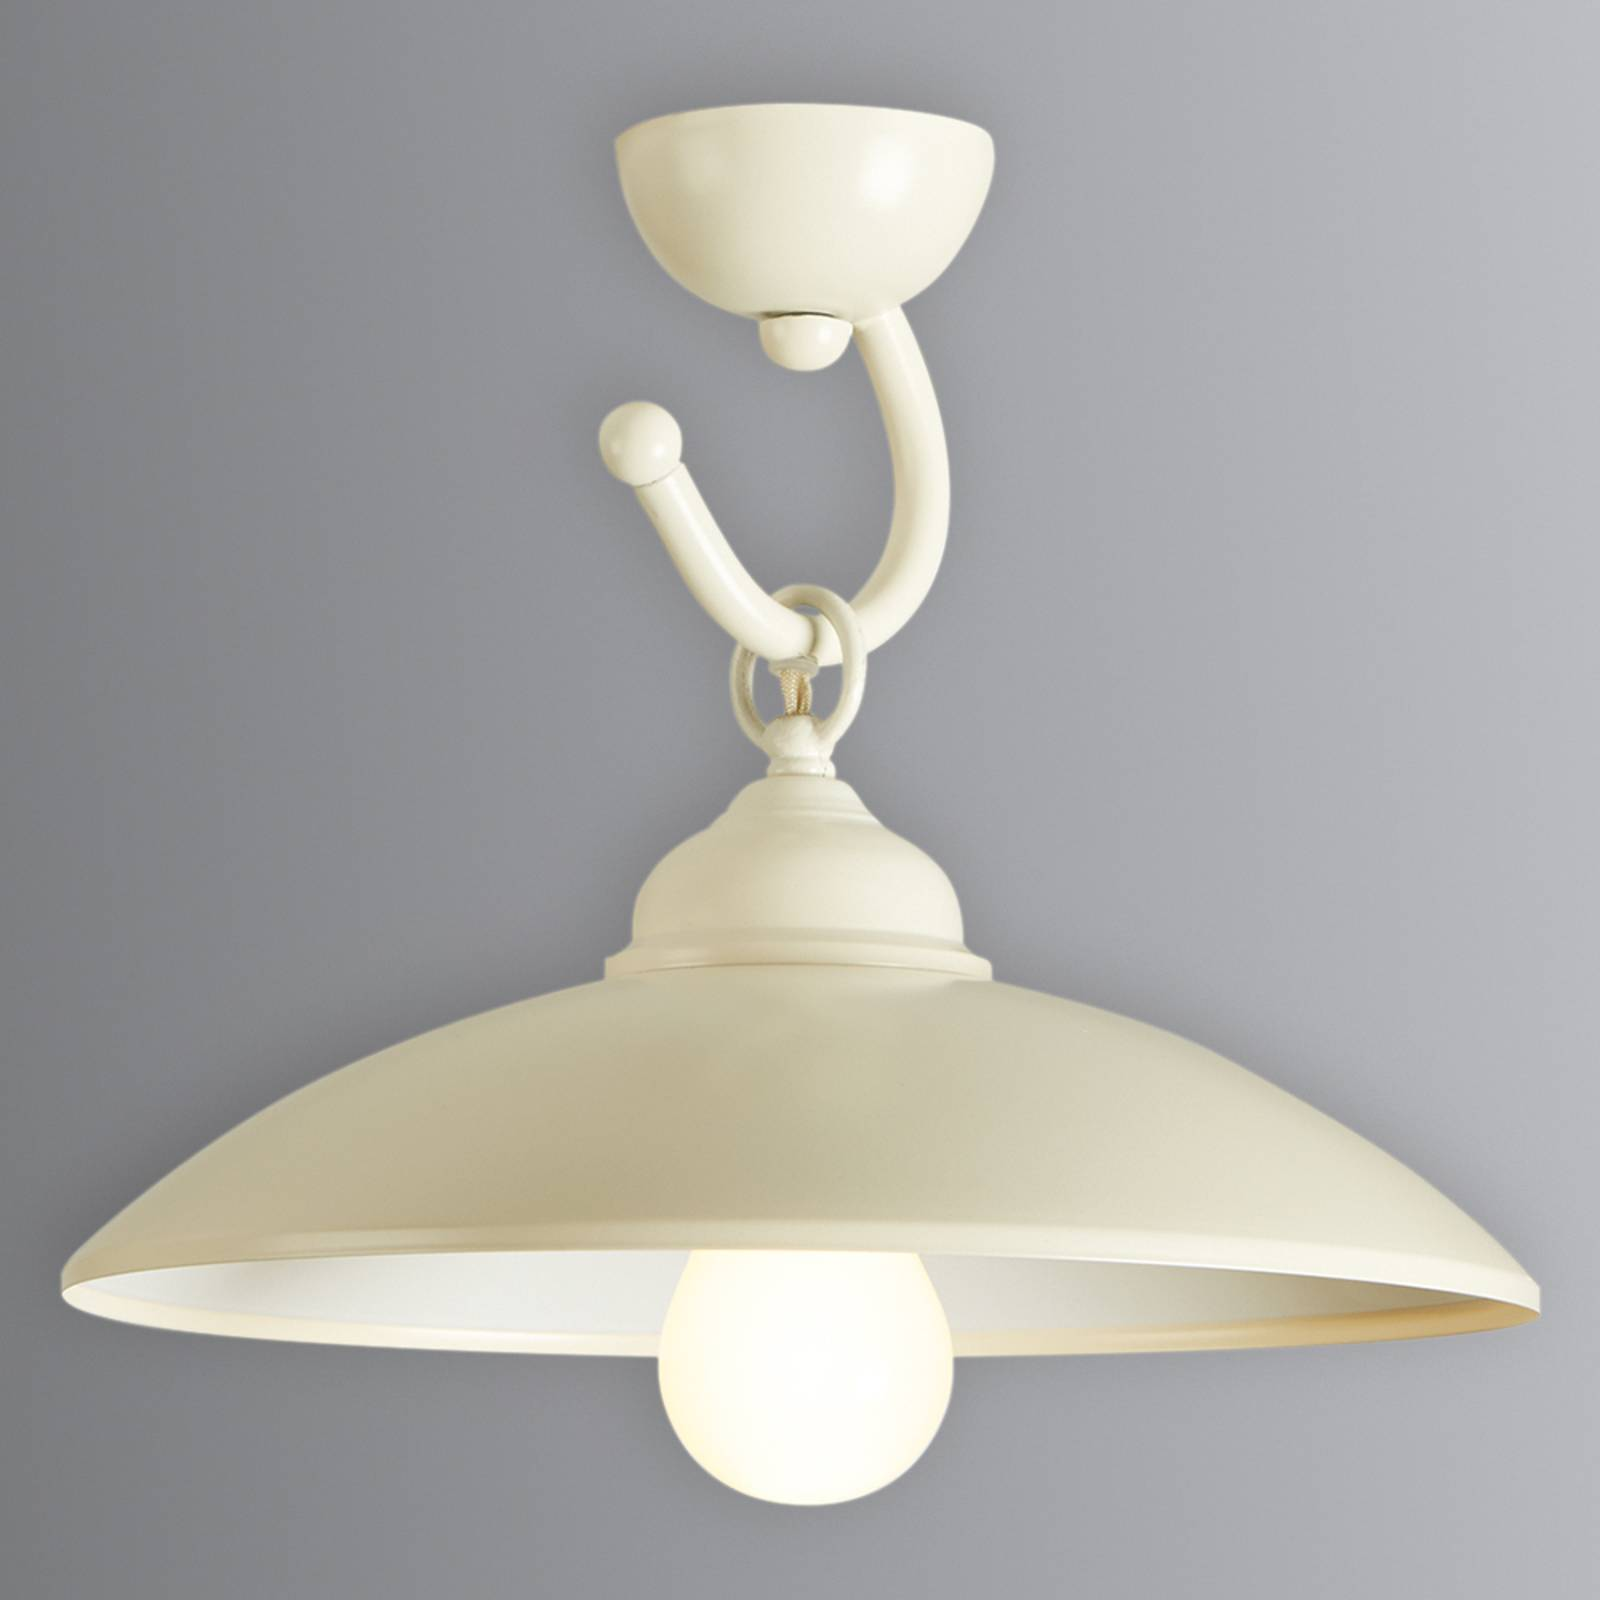 Rustieke plafondlamp Baja ivoor